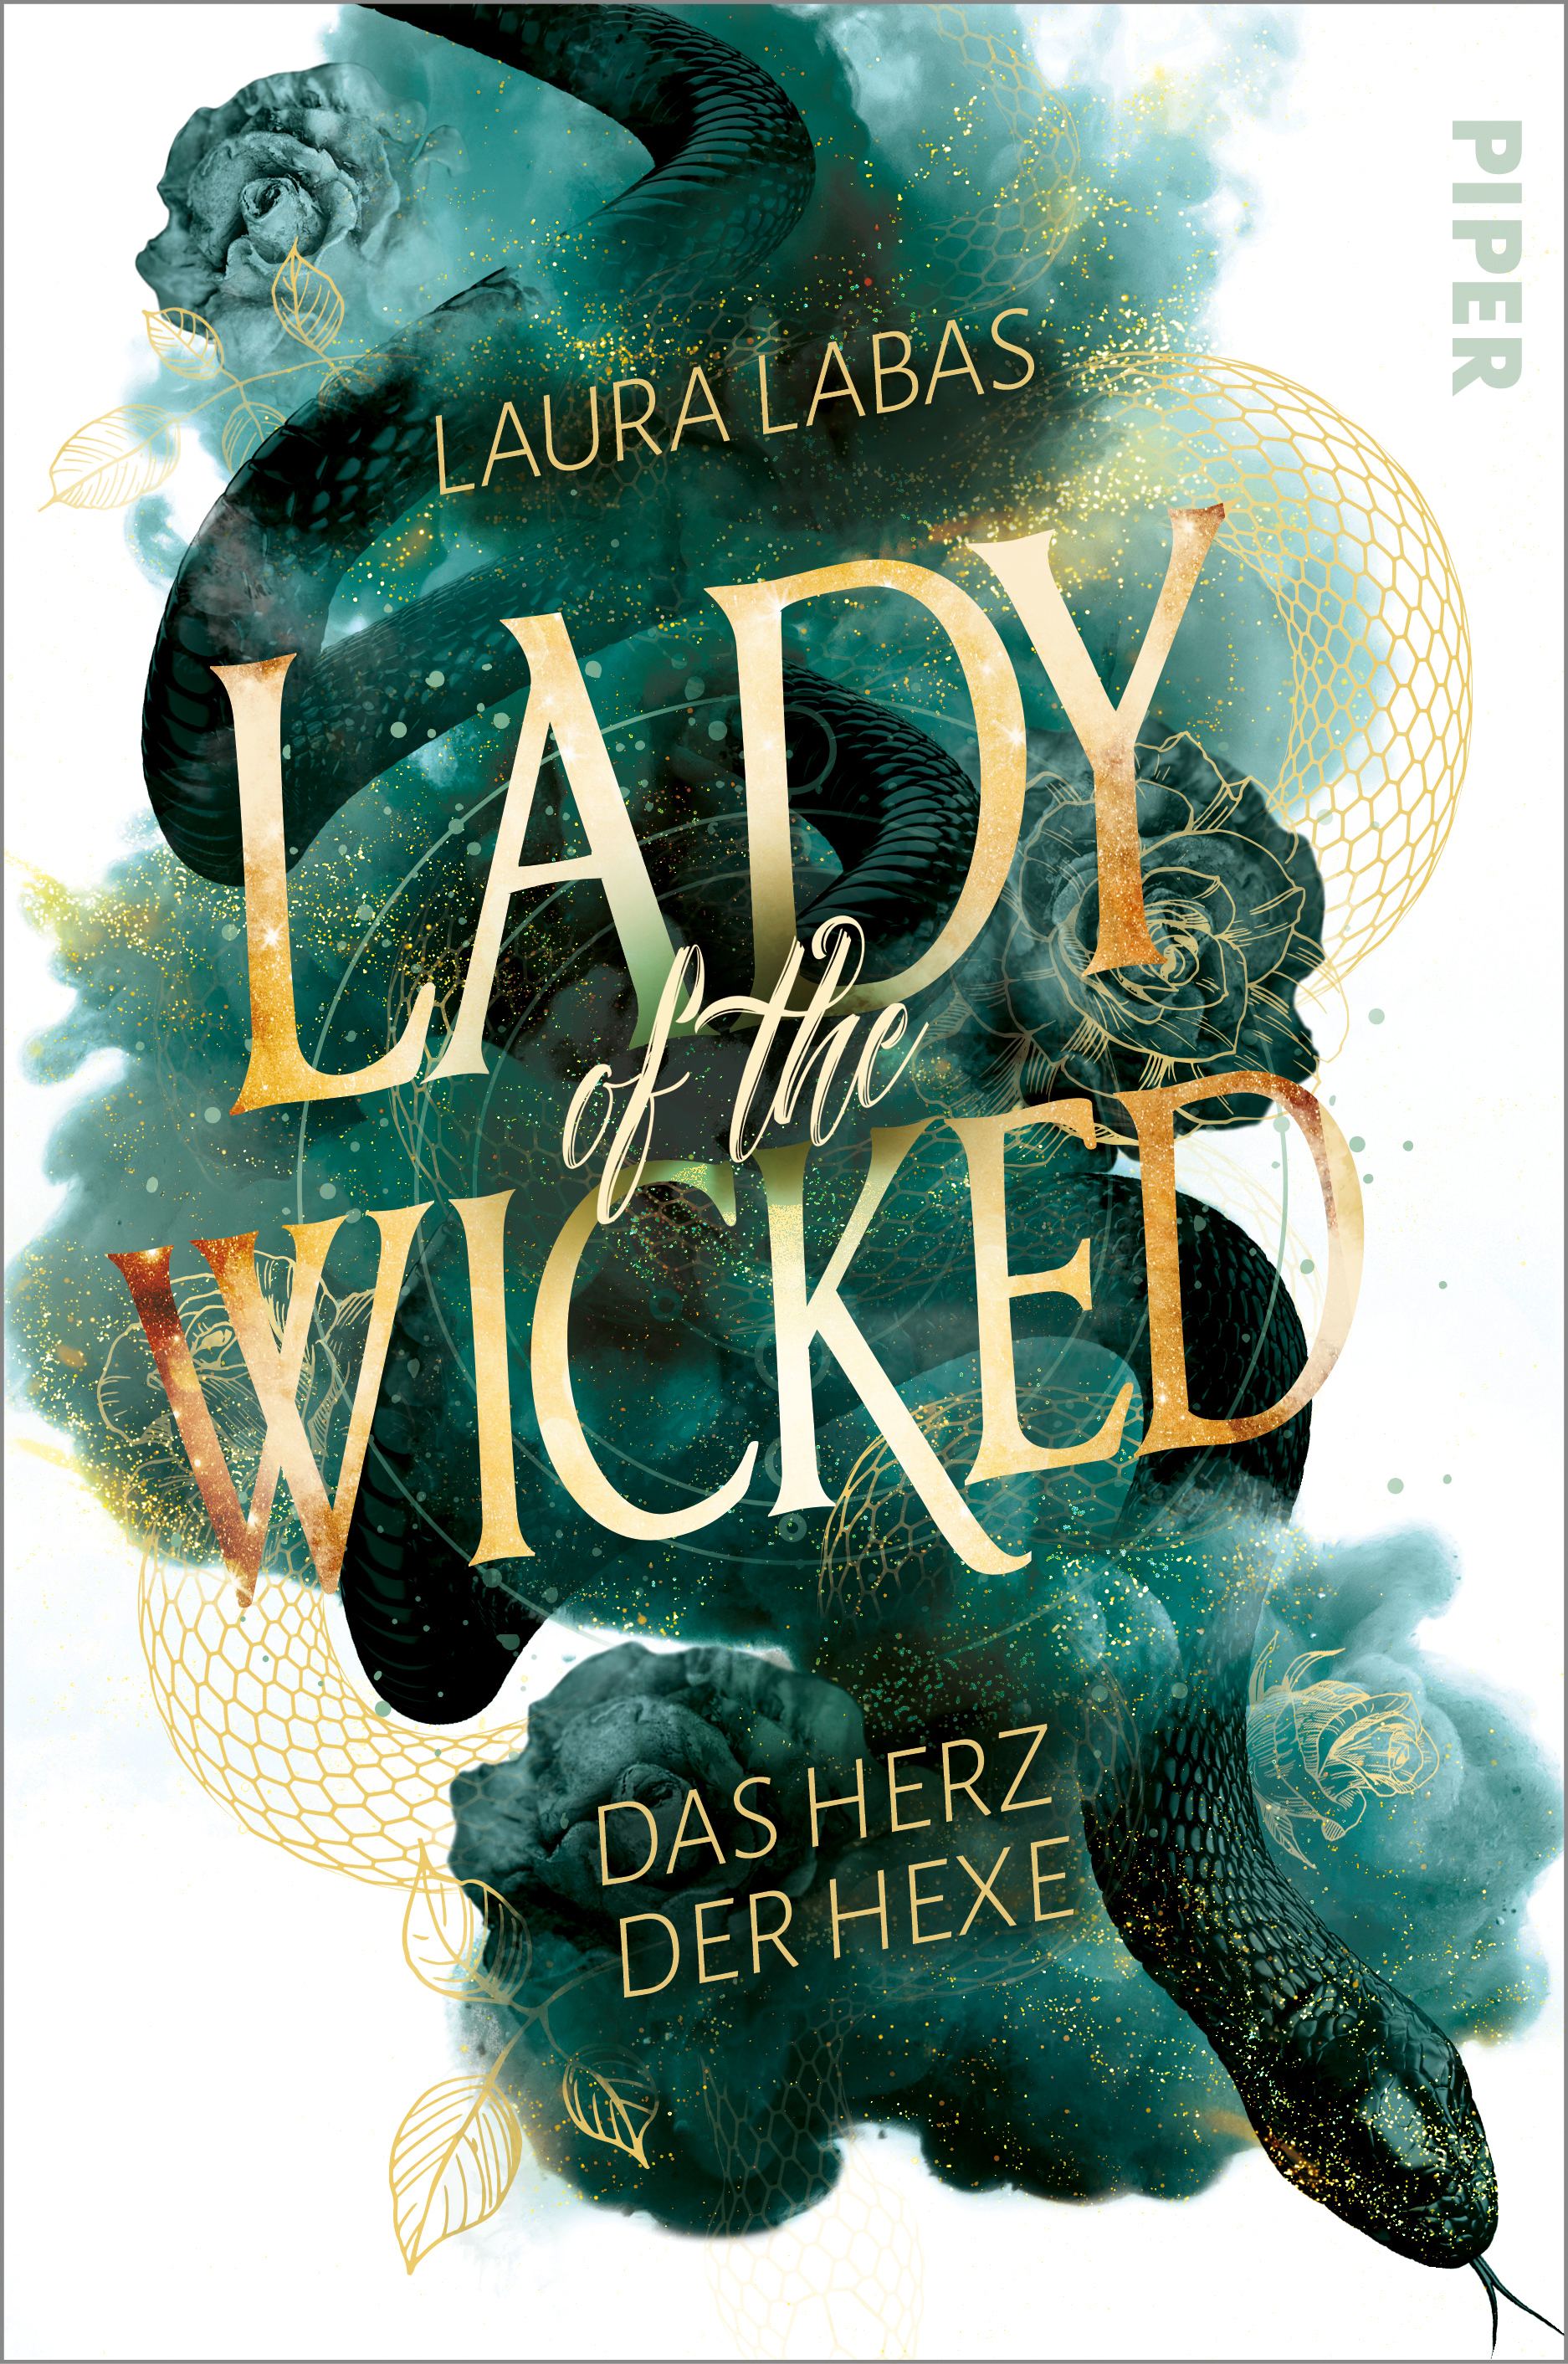 Bücherblog. Neuerscheinungen. Buchcover. Lady of the Wicked - Das Herz der Hexe (Band 1) von Laura Labas. Fantasy. Piper.